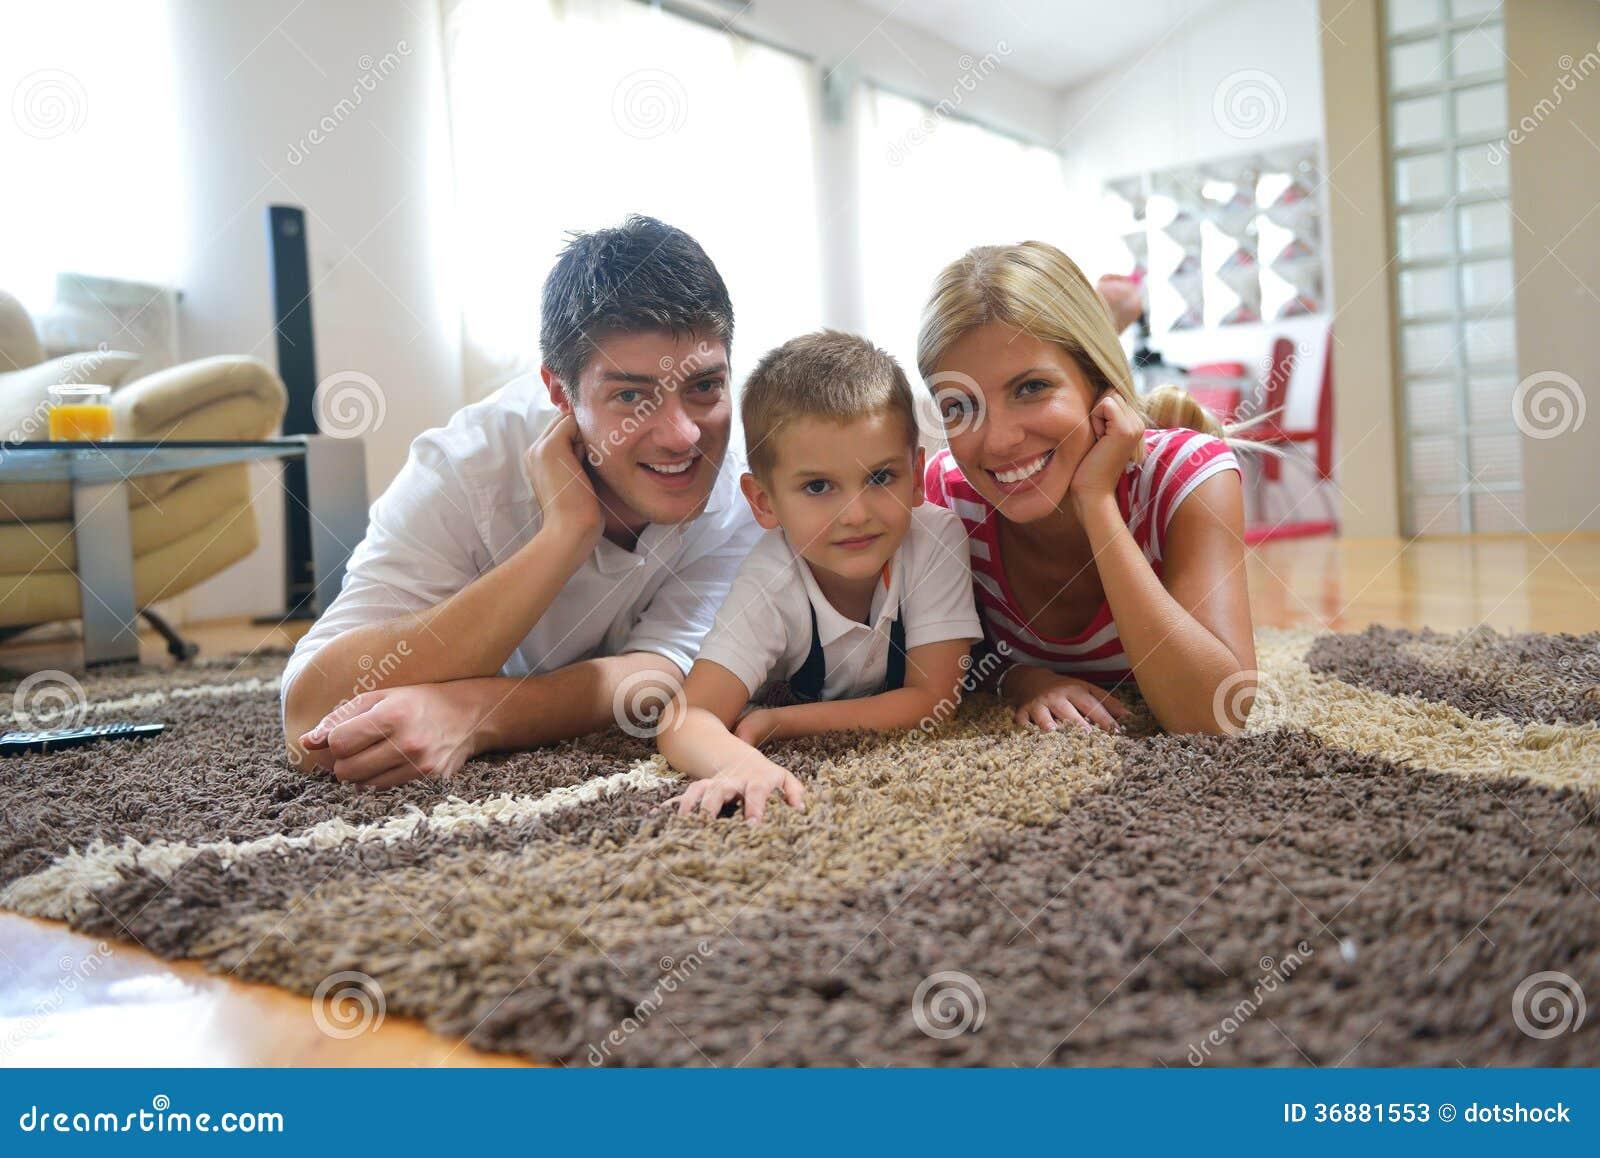 Download Famiglia a casa immagine stock. Immagine di bambino, ragazzo - 36881553